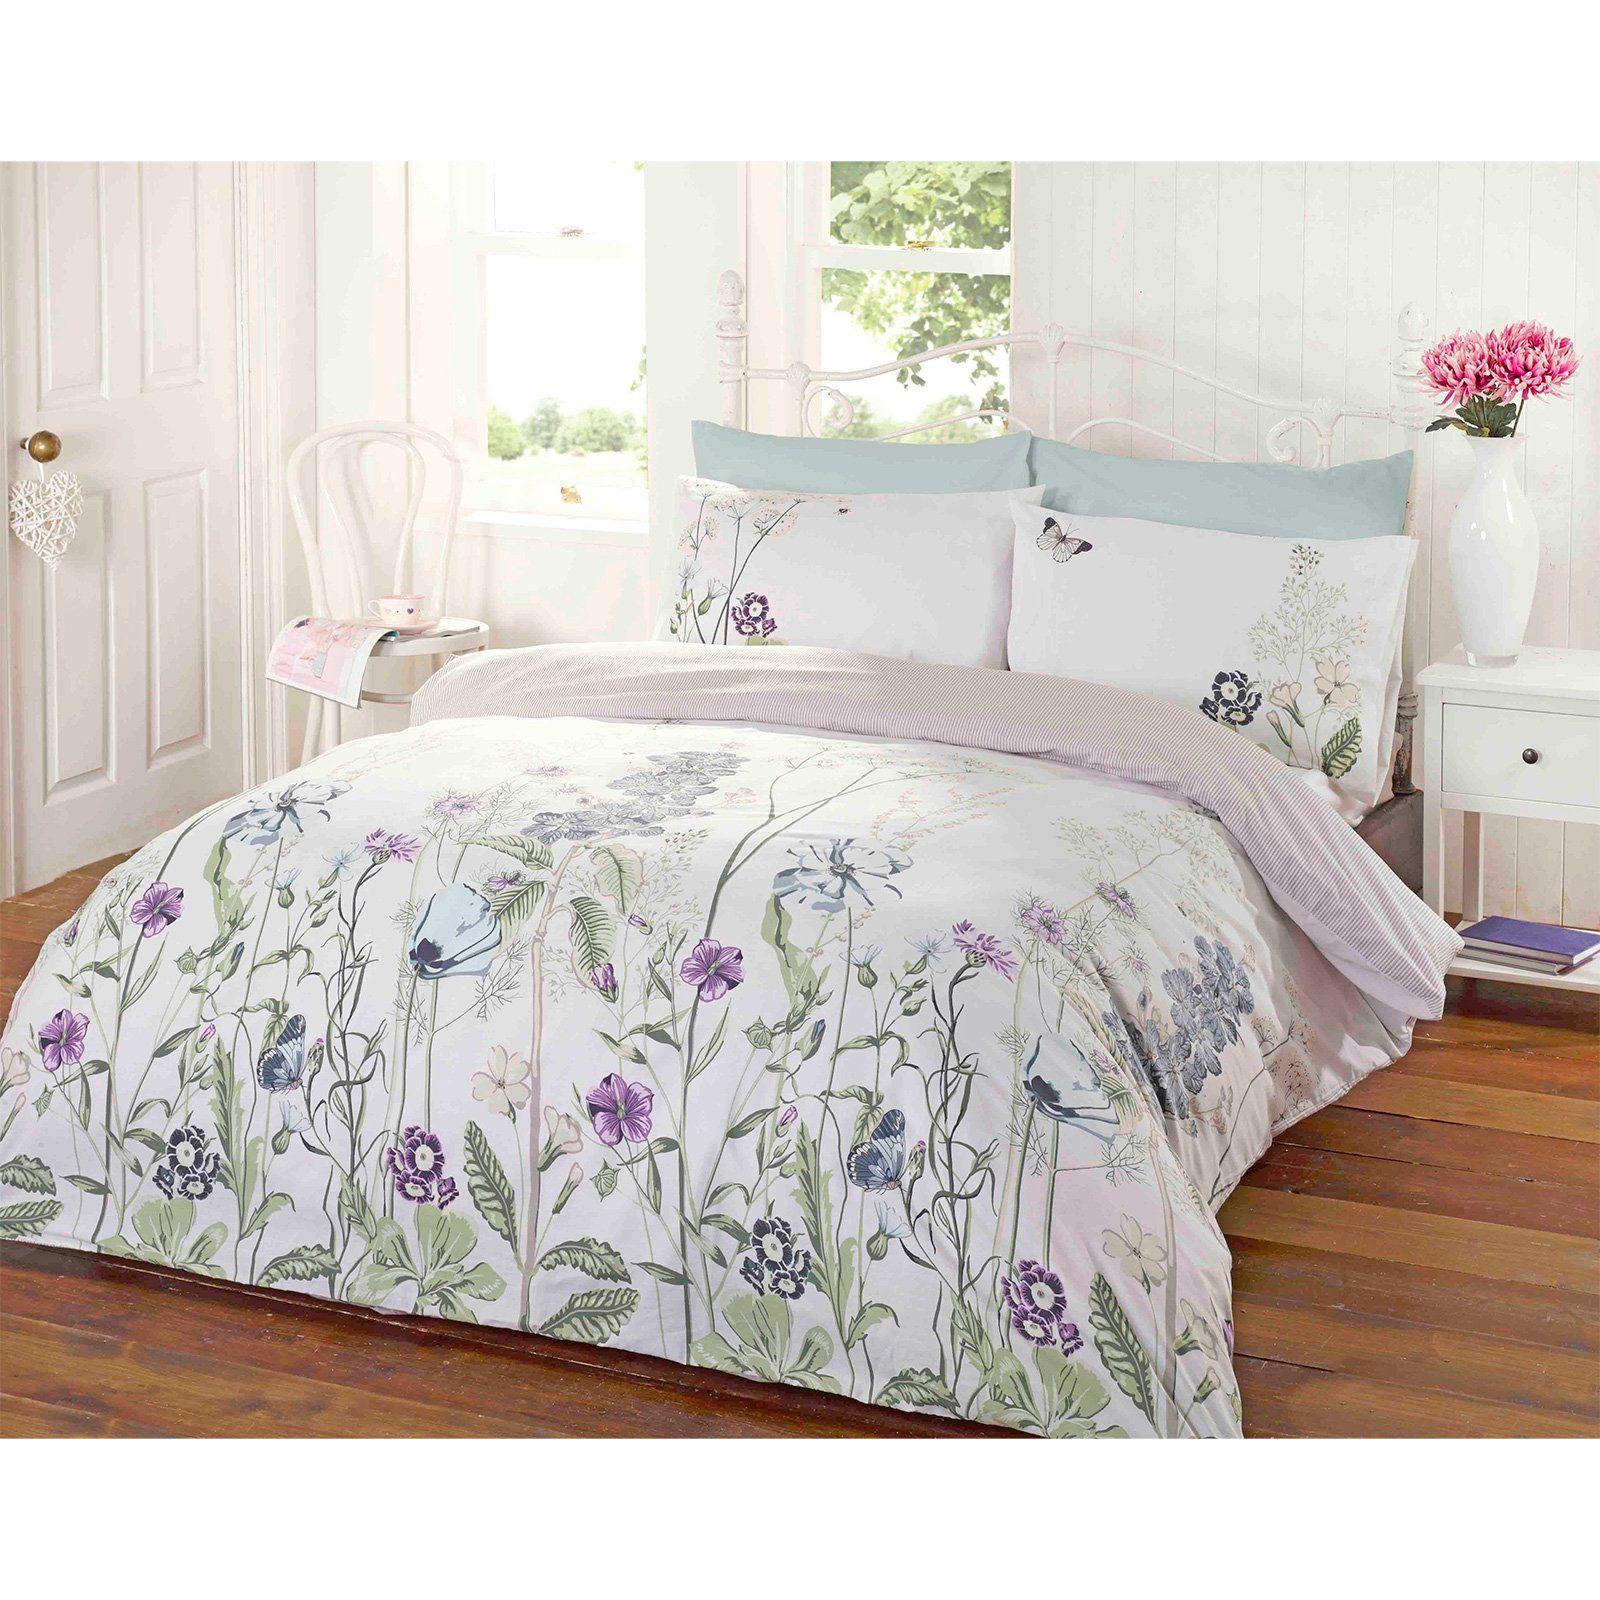 Garden Fl Duvet Cover Reversible Stripe Bedding White Duck Egg Blue Bed Set Lilac Purple Green Double